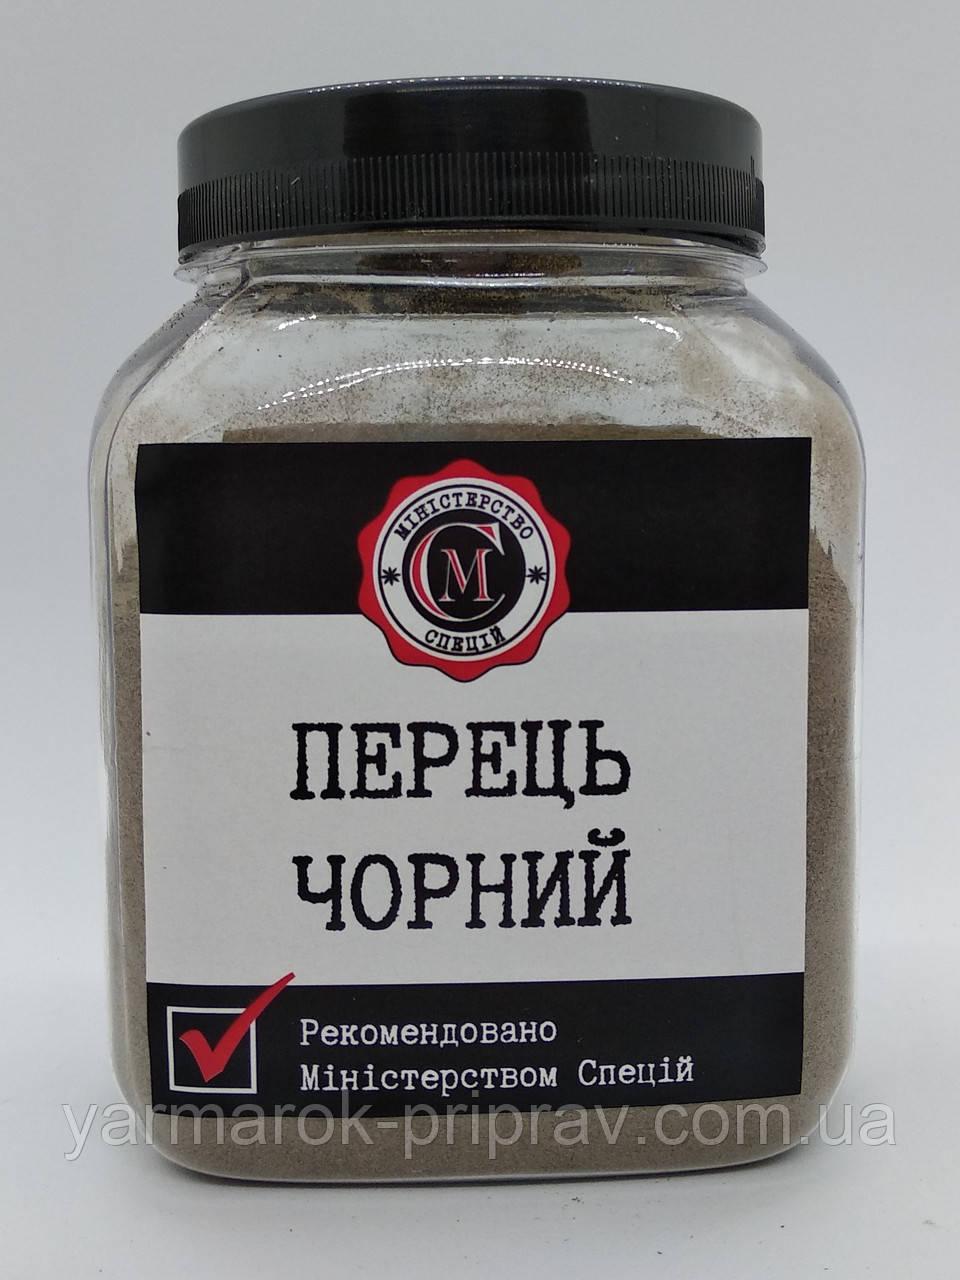 Перец черный молотый в/с, 190г